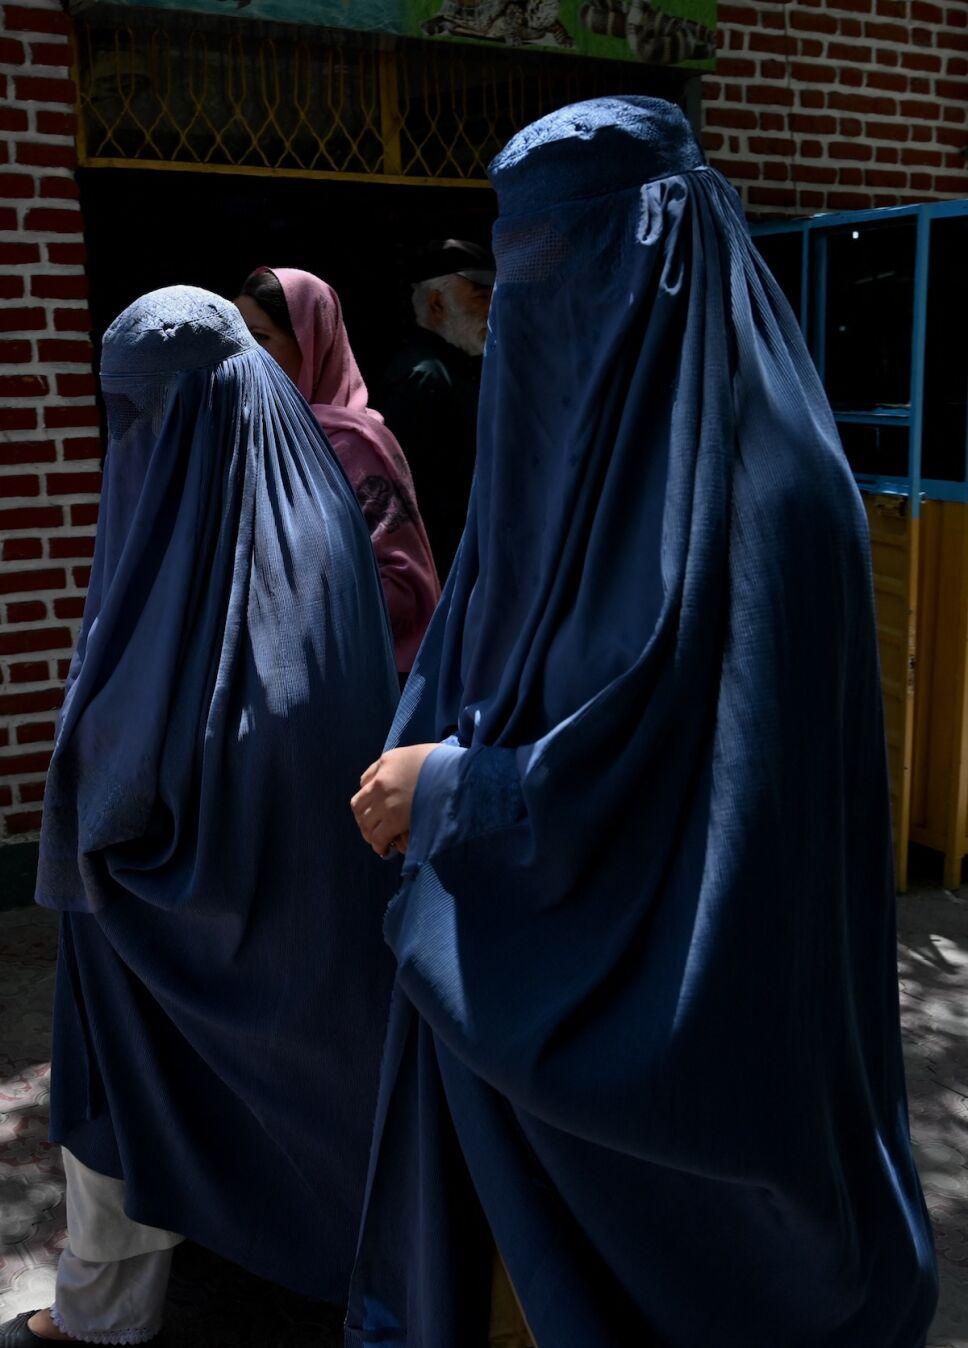 mujeres en kabul en burkas